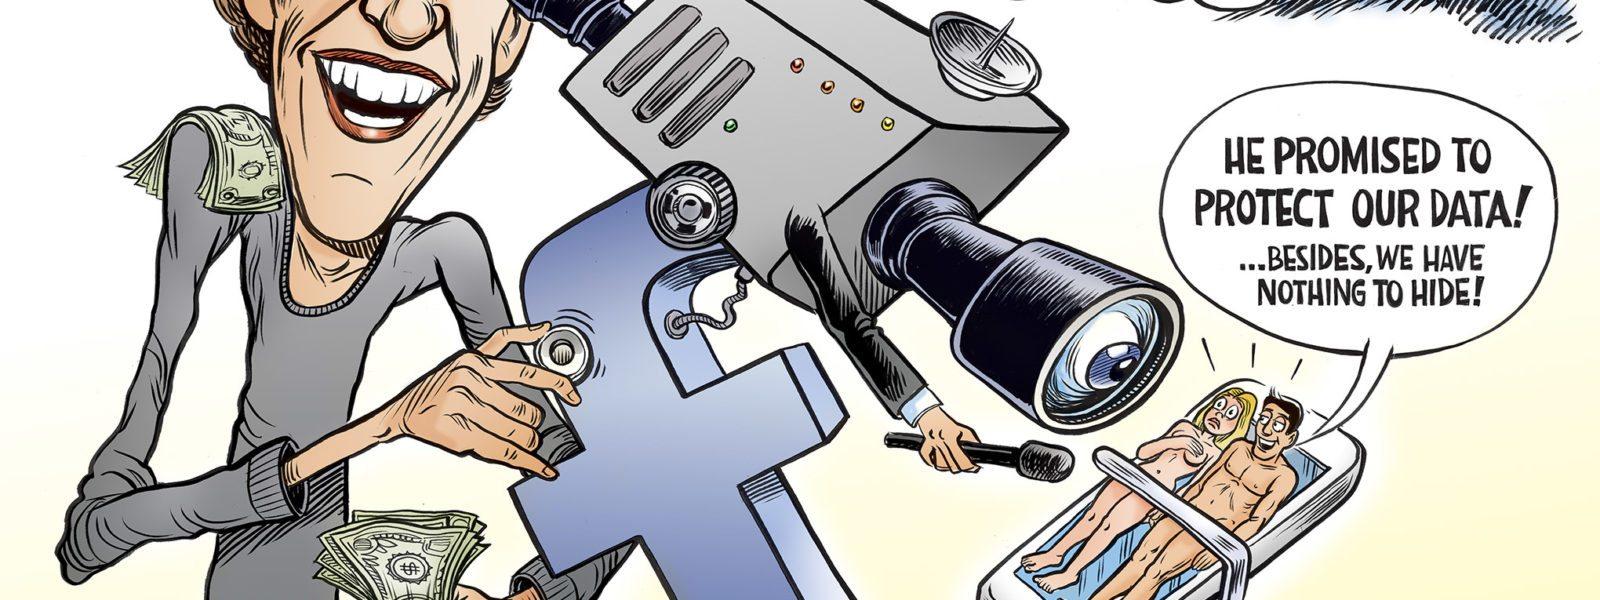 Facebook's Dumb Effers